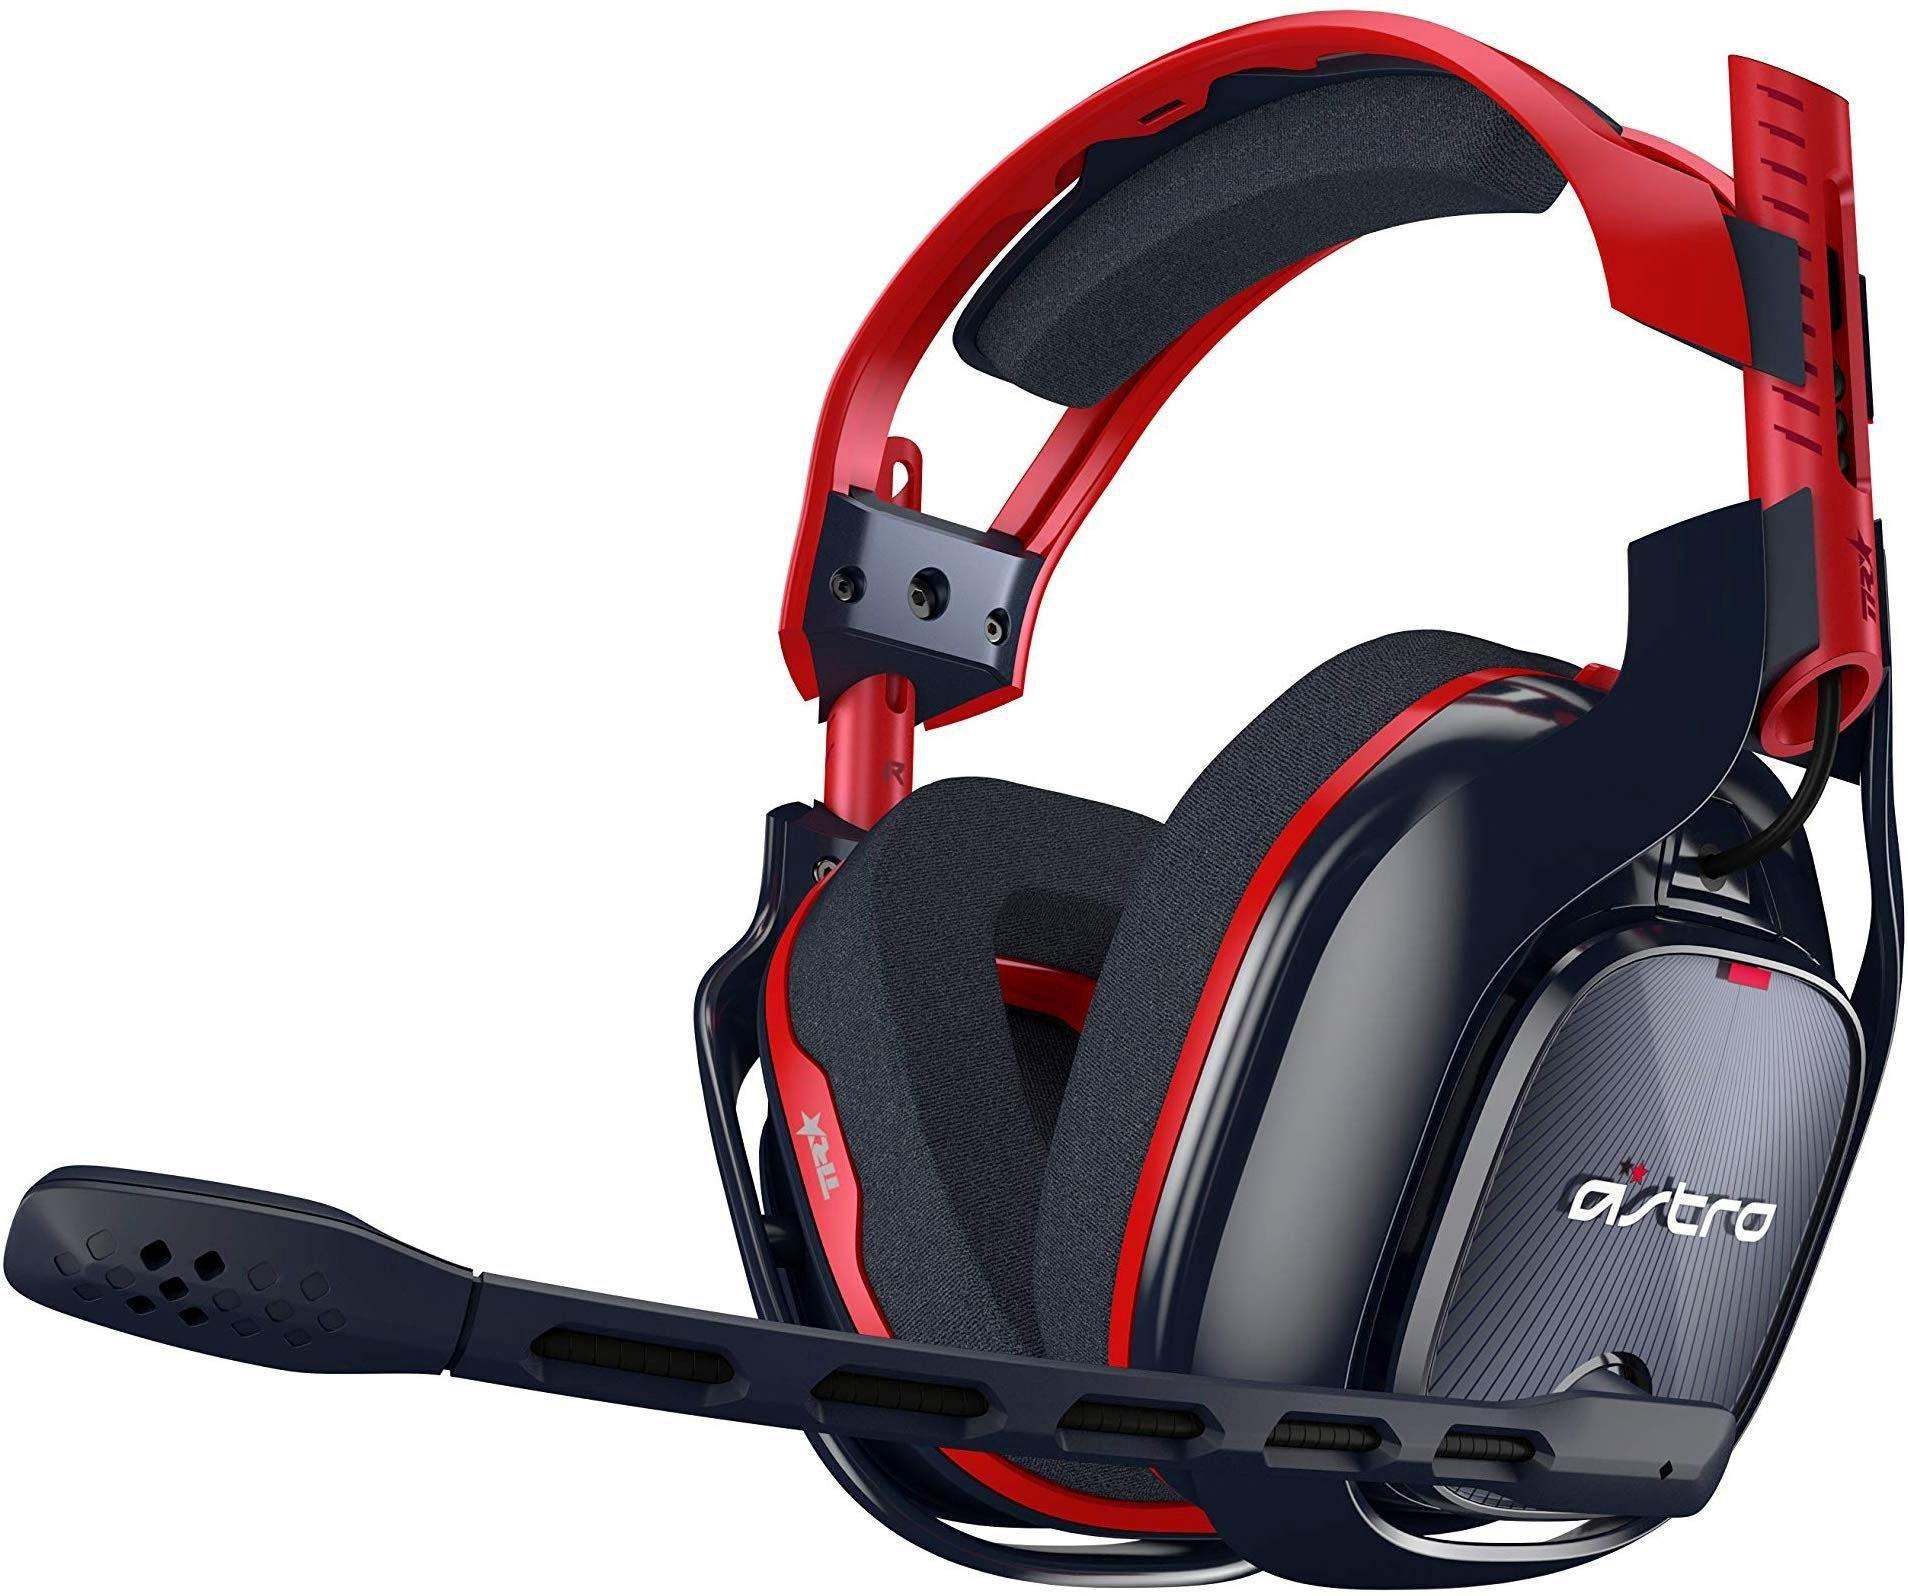 Astro »Gaming A40 TR 10th Anniversary Edition voor PC« gaming-headset (bedraad, ruisonderdrukking) online kopen op otto.nl